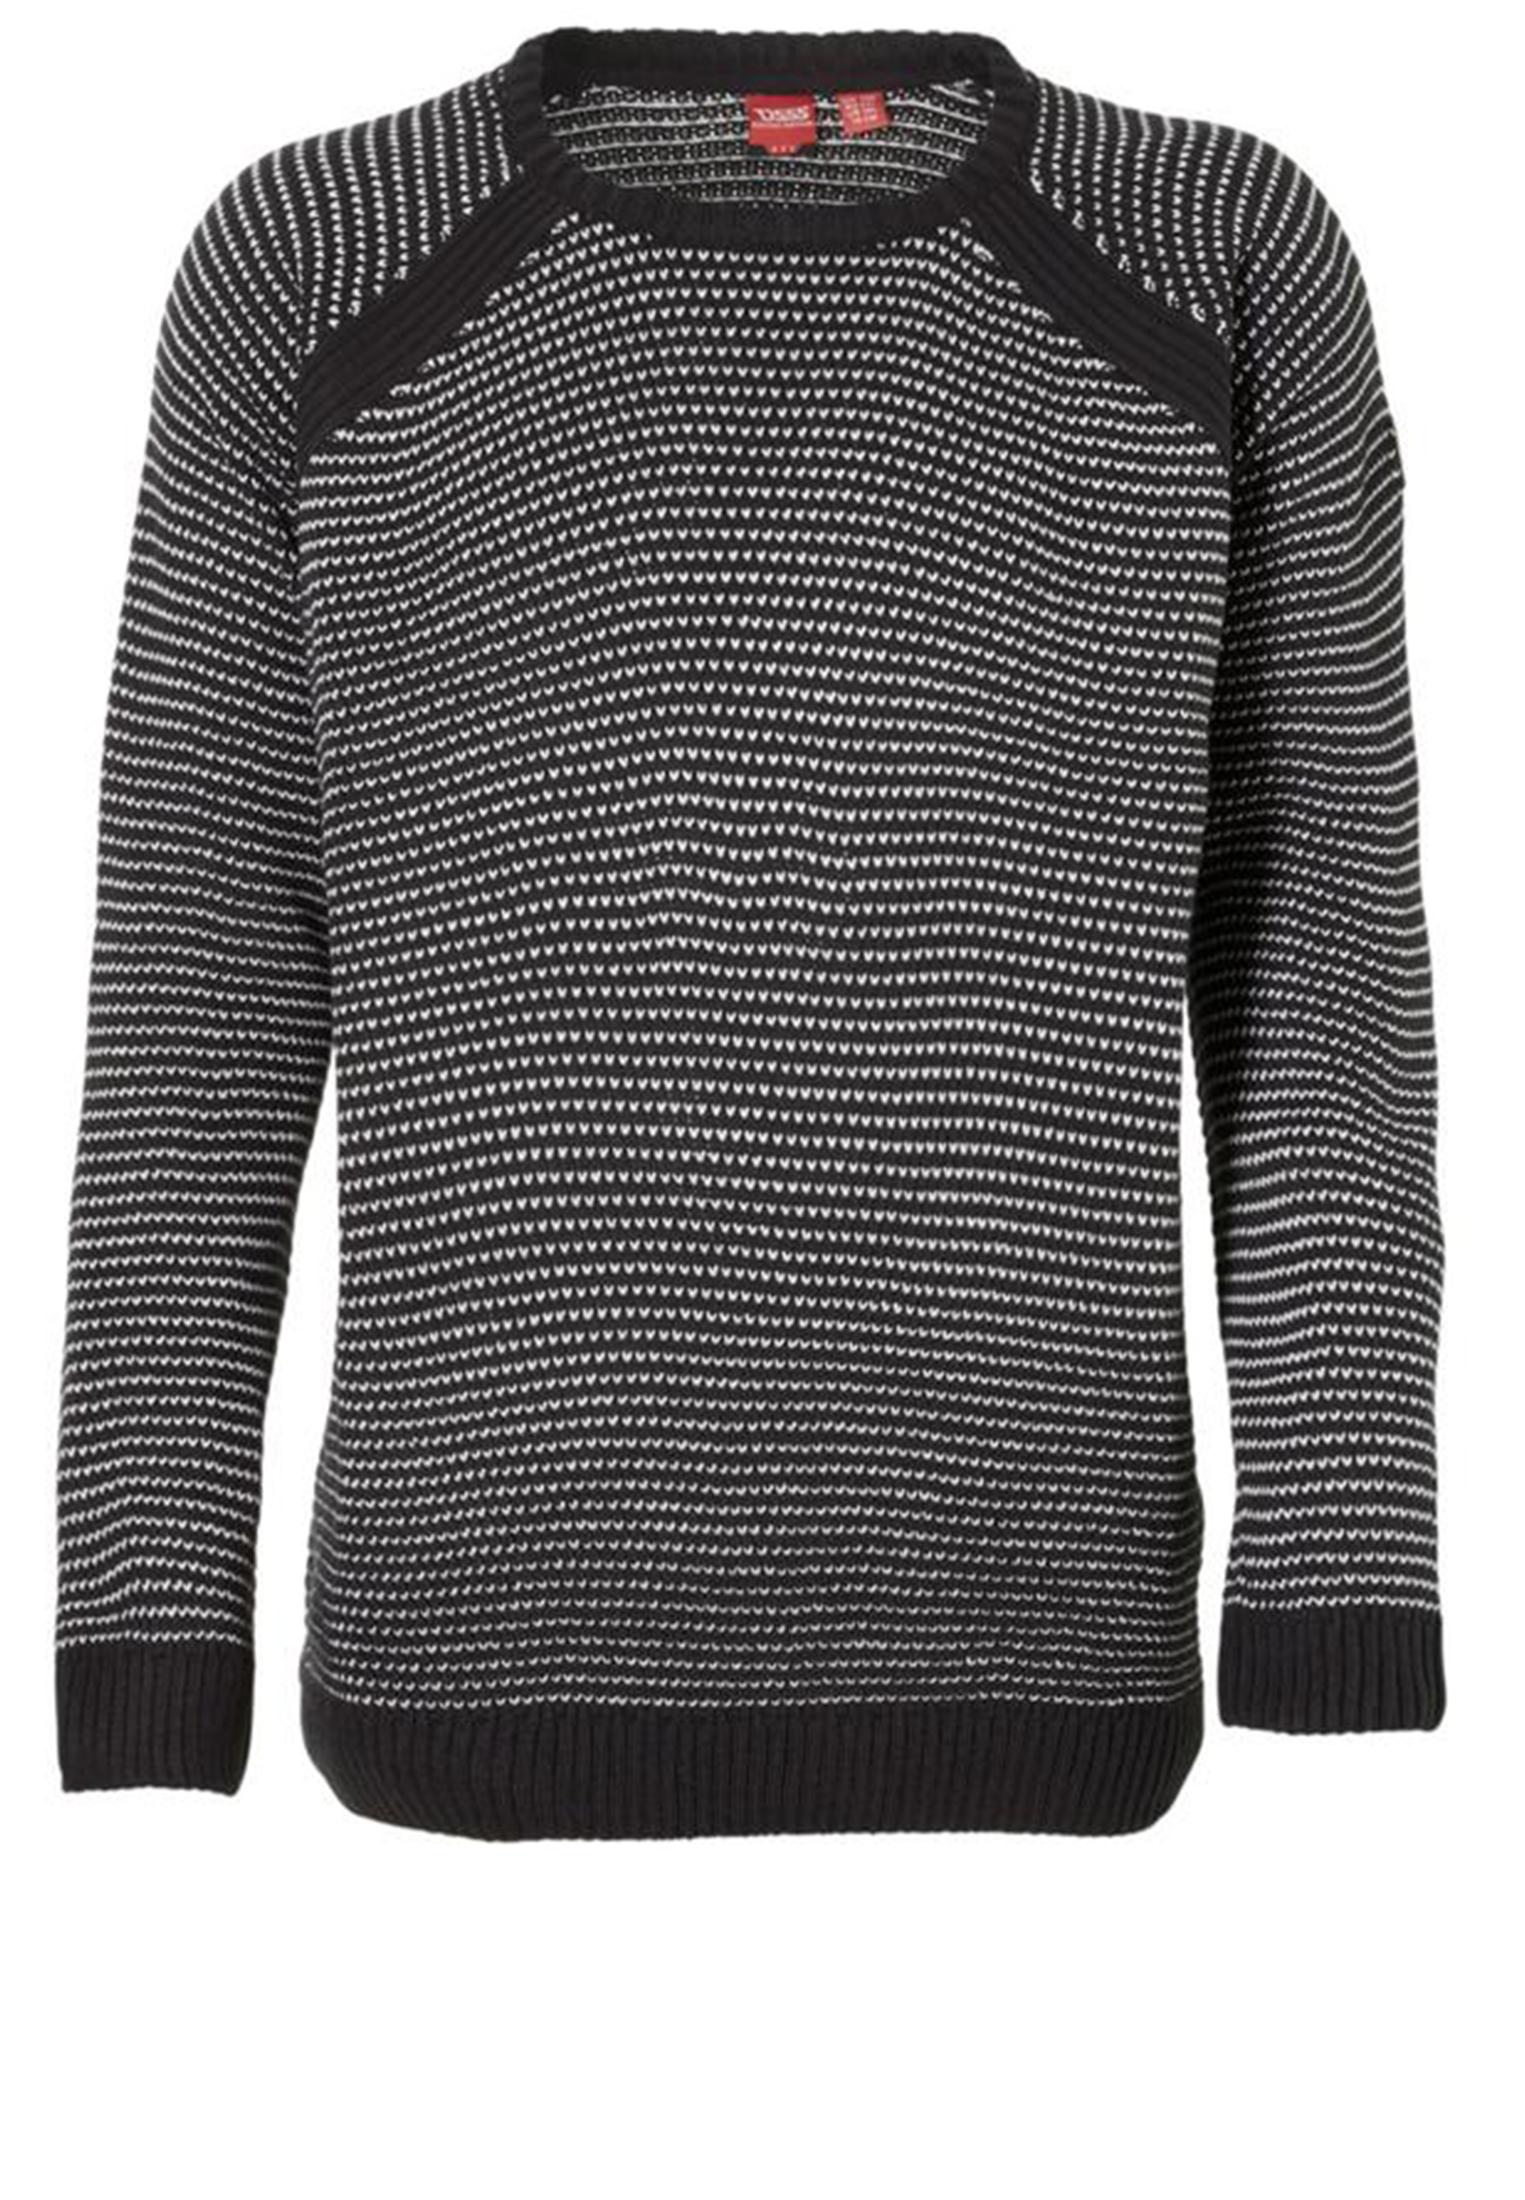 Gebreide trui van D555 met ronde hals. Leuke blauw gebreide trui met witte accenten. De mouwboorden en zoom zijn iets strakker gebreid voor een mooie pasvorm.